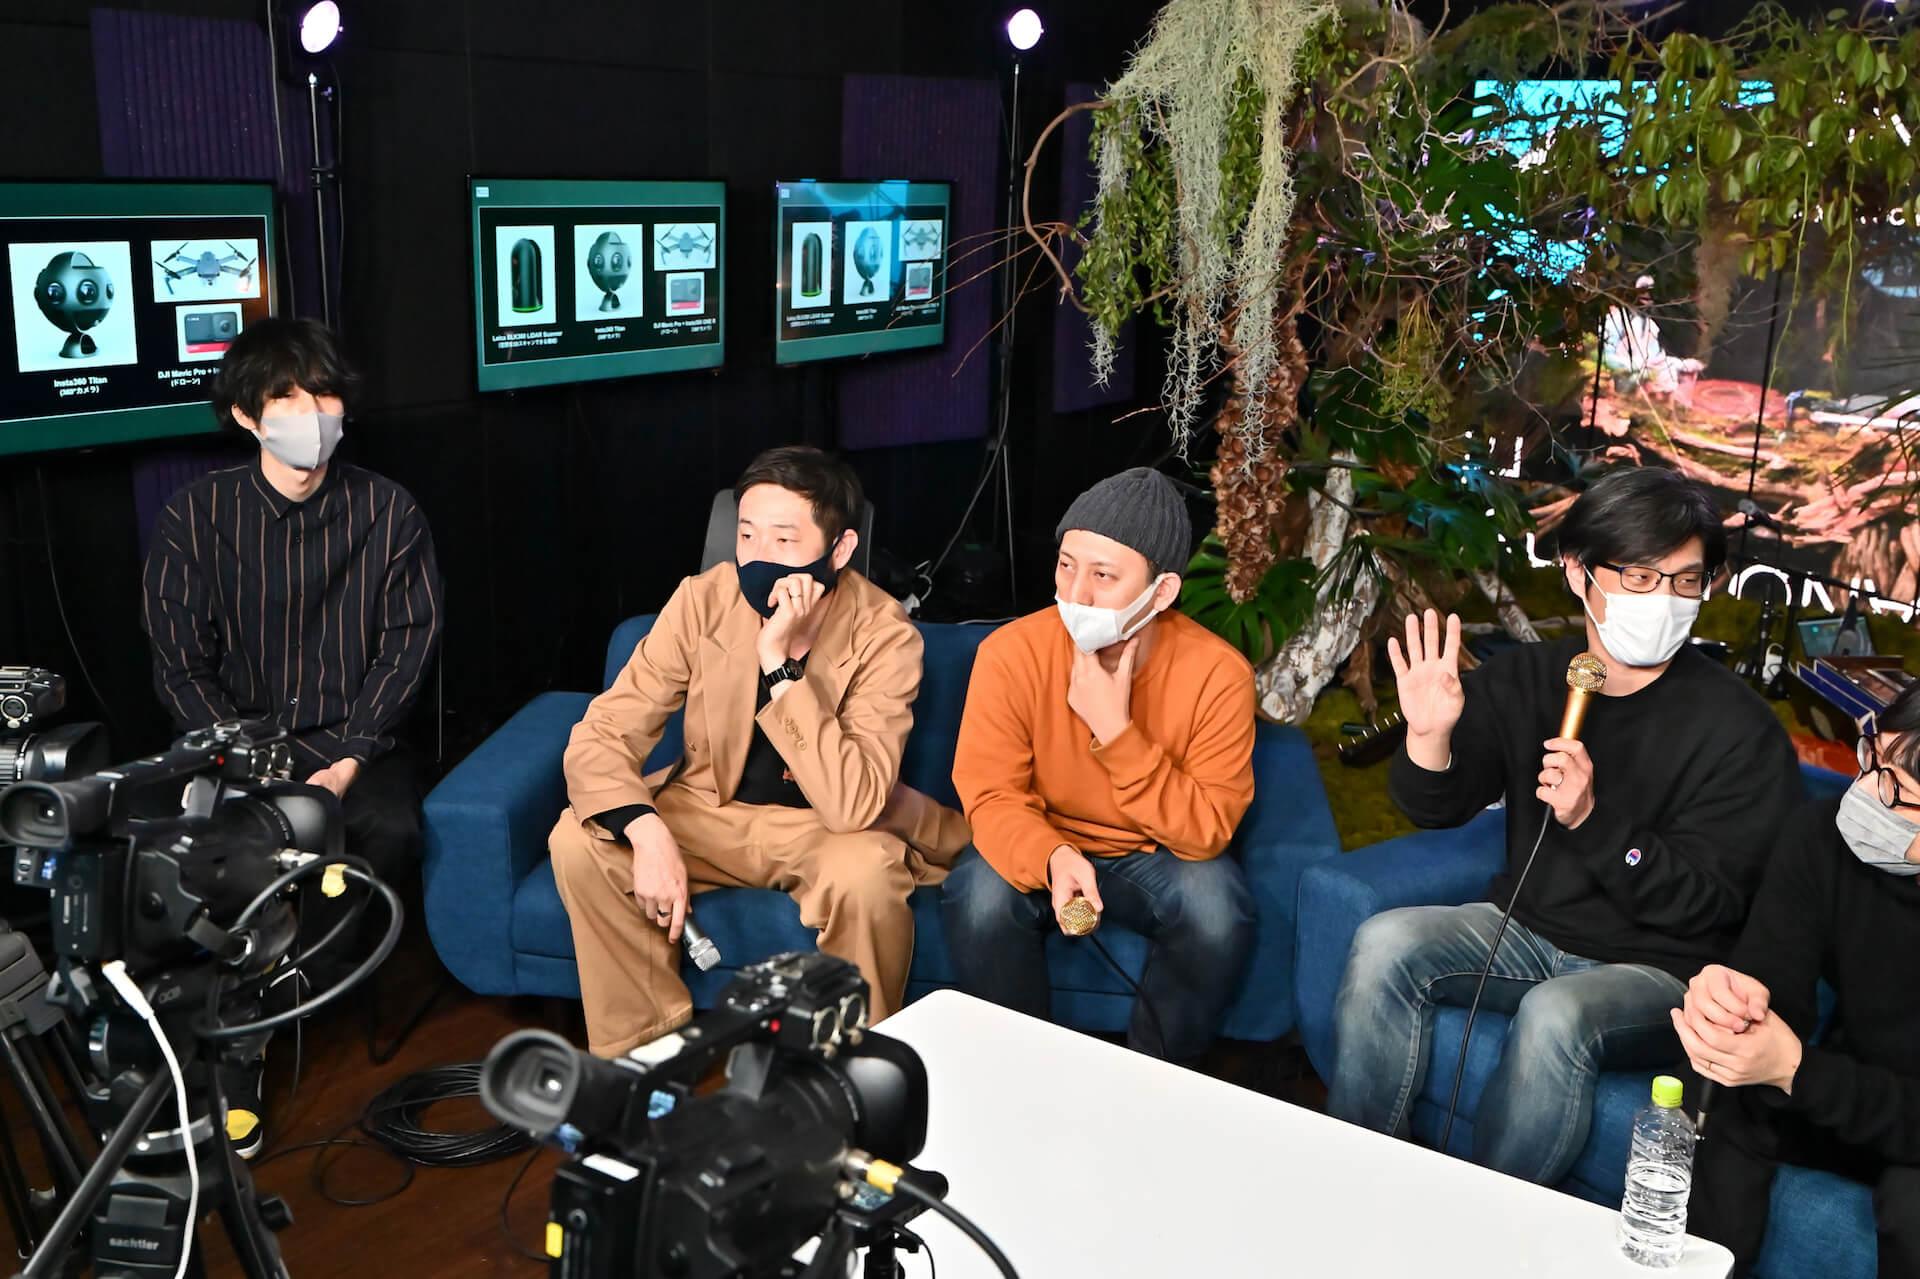 YAKUSHIMA TREASUREの死生観とポストコロナの表現|屋久島の原生林でのライヴ作品『ANOTHER LIVE』に迫る music210219_yakushimatreasure_5